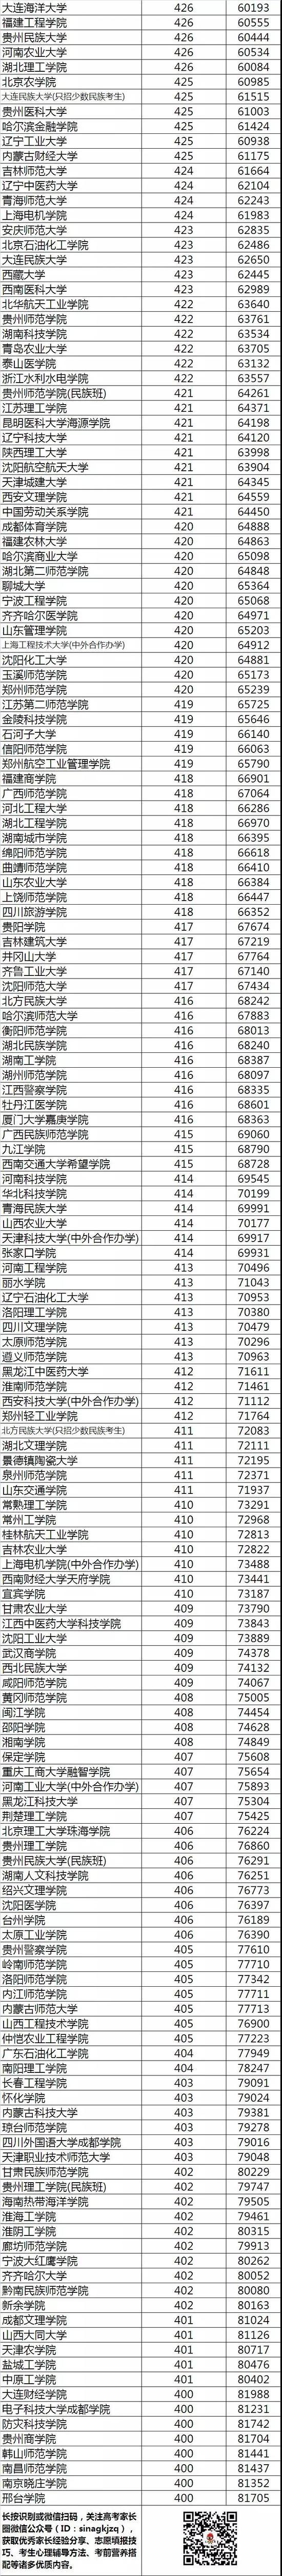 不同分数段考生可报考的高校盘点(贵州)